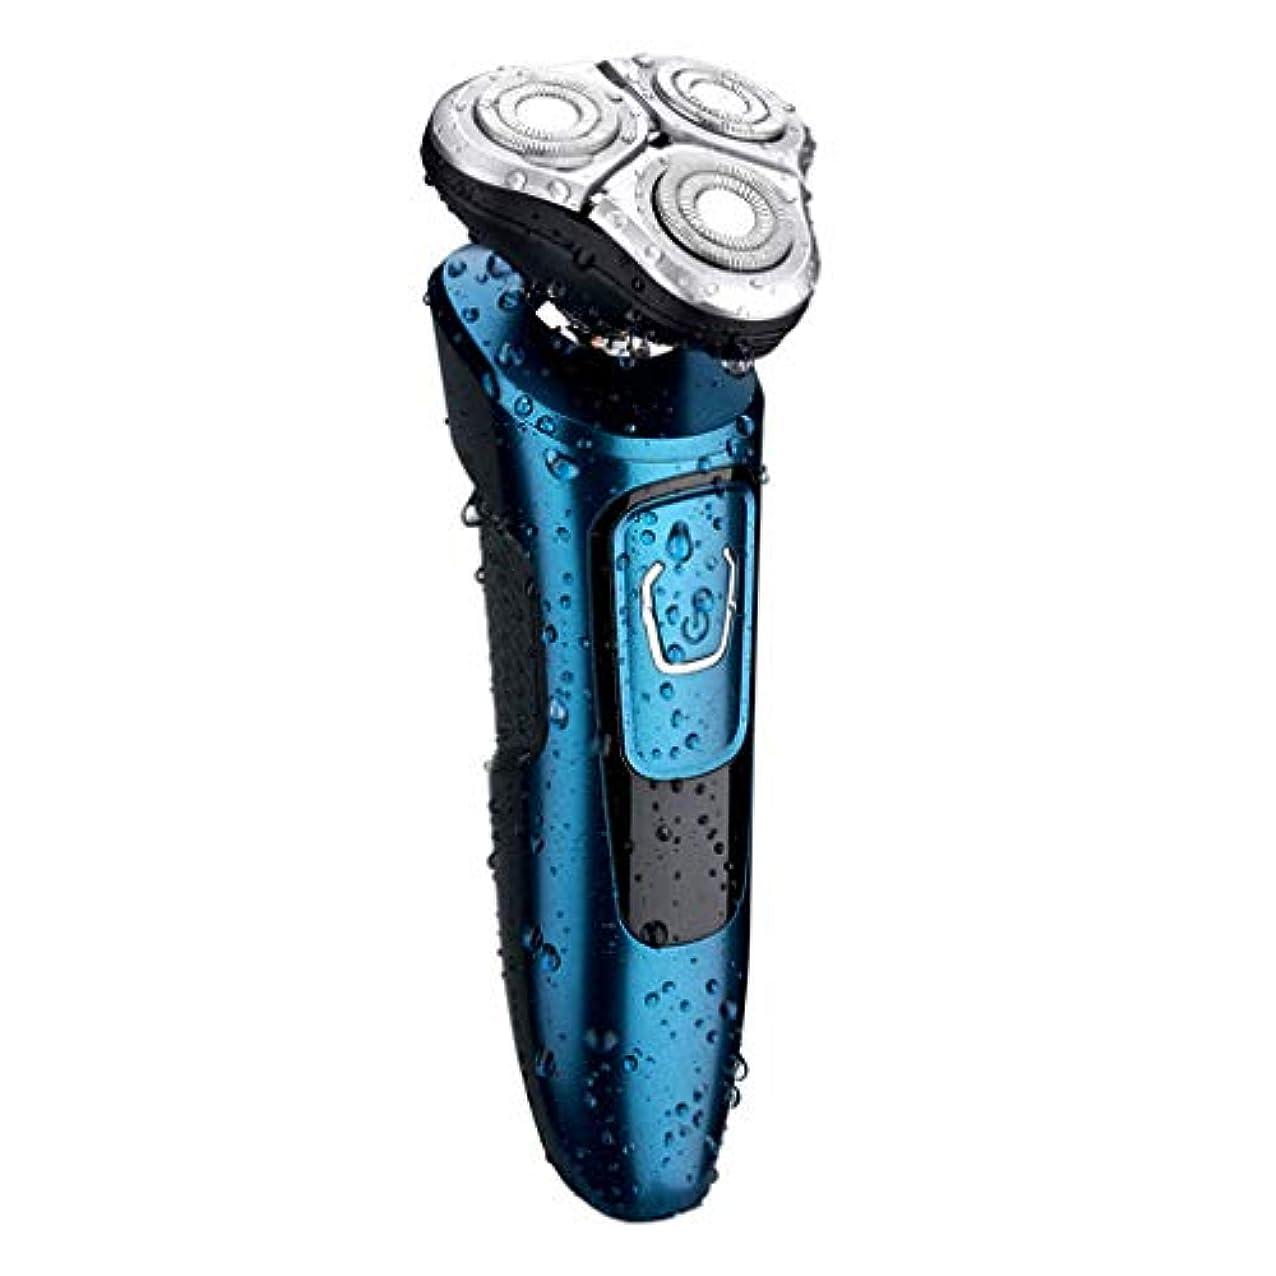 論争の的部達成するウェット&ドライかみそり、多機能防水ホーン/鼻毛トリマー、クレンジングデバイス、急速充電/LEDディスプレイ